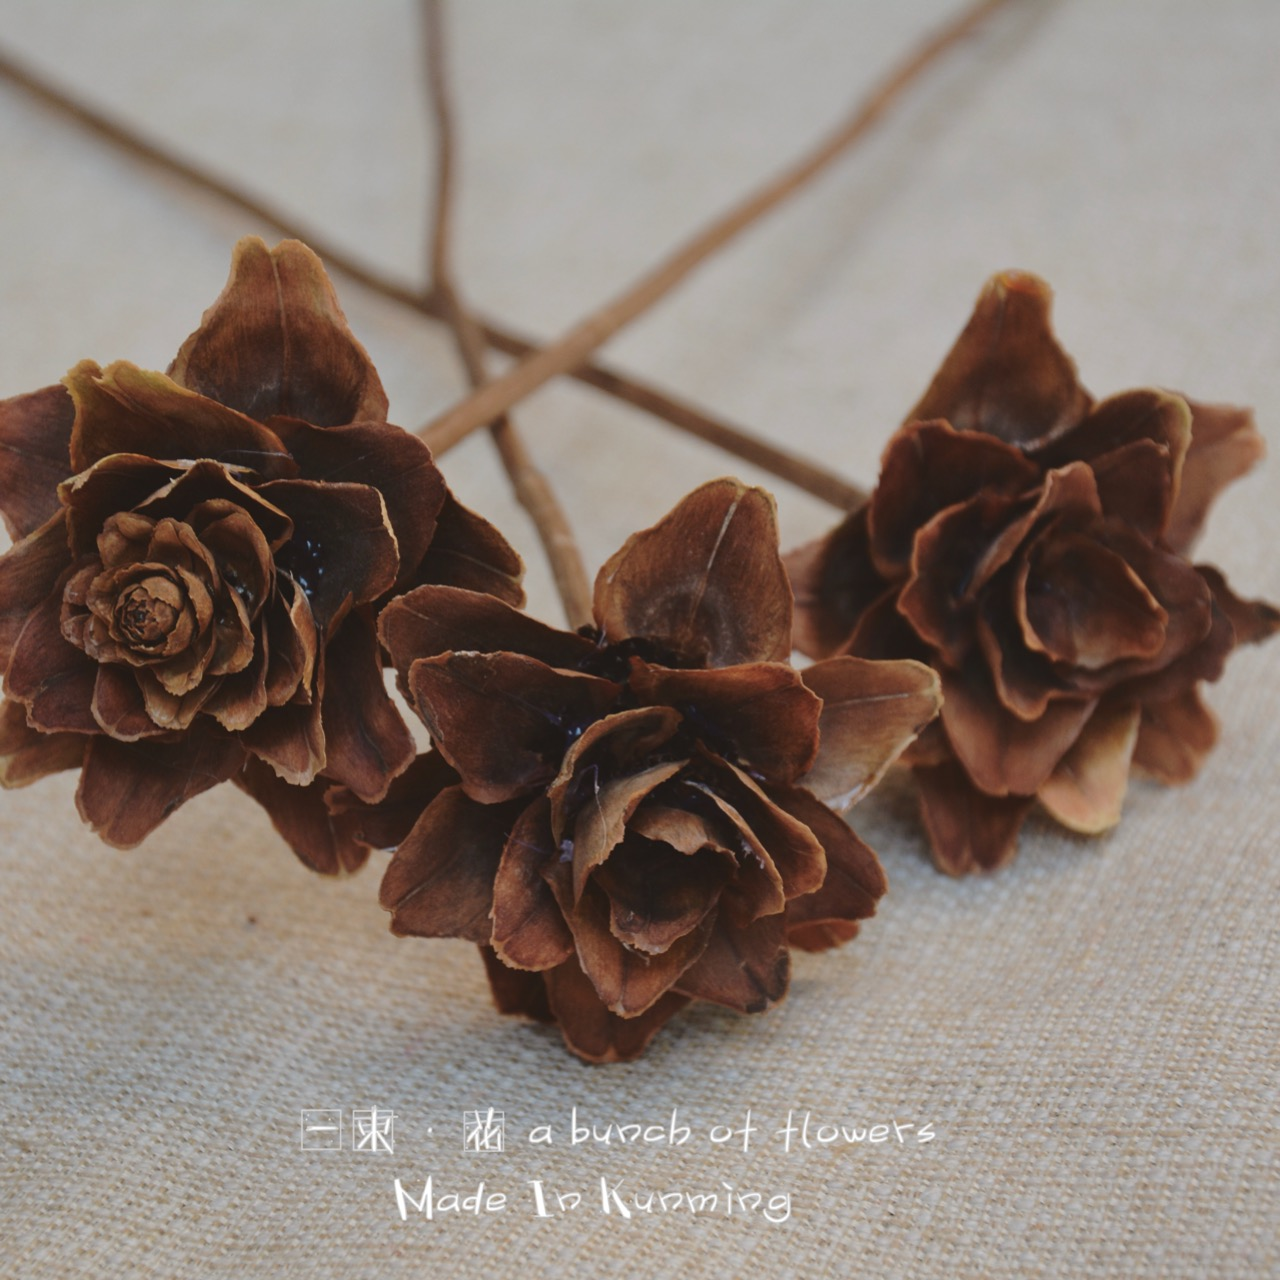 """Дерево роуз сухие цветы ручной работы сухие цветы """" букет . цветок """" искусство цветочная композиция стрельба реквизит модель дом декоративный"""